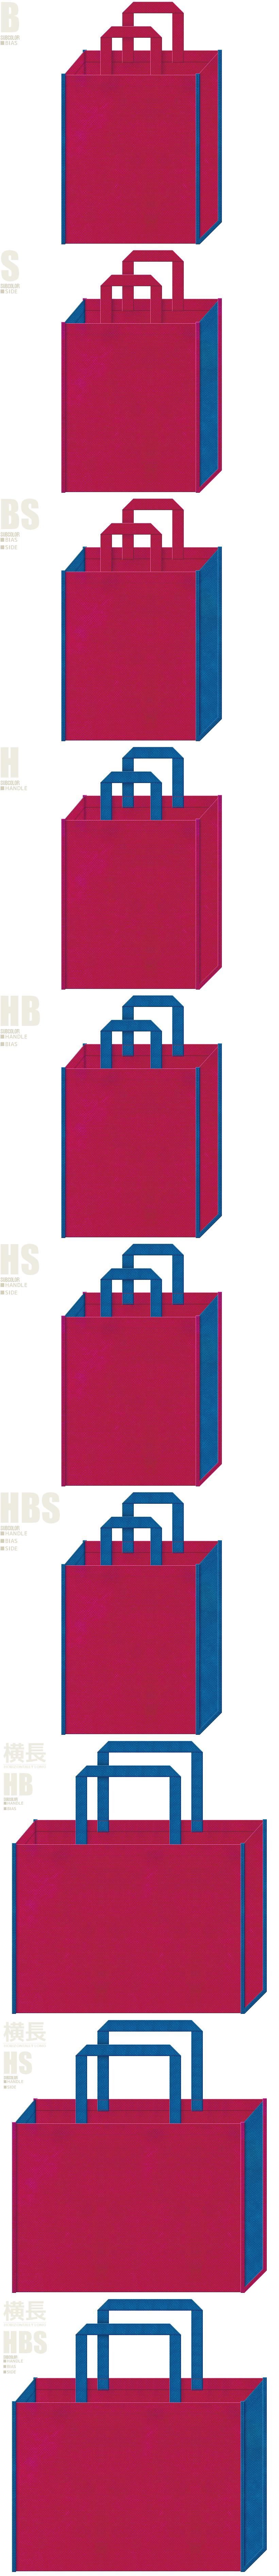 おもちゃ・テーマパーク・キッズイベントにお奨めの不織布バッグデザイン:濃いピンク色と青色の配色7パターン